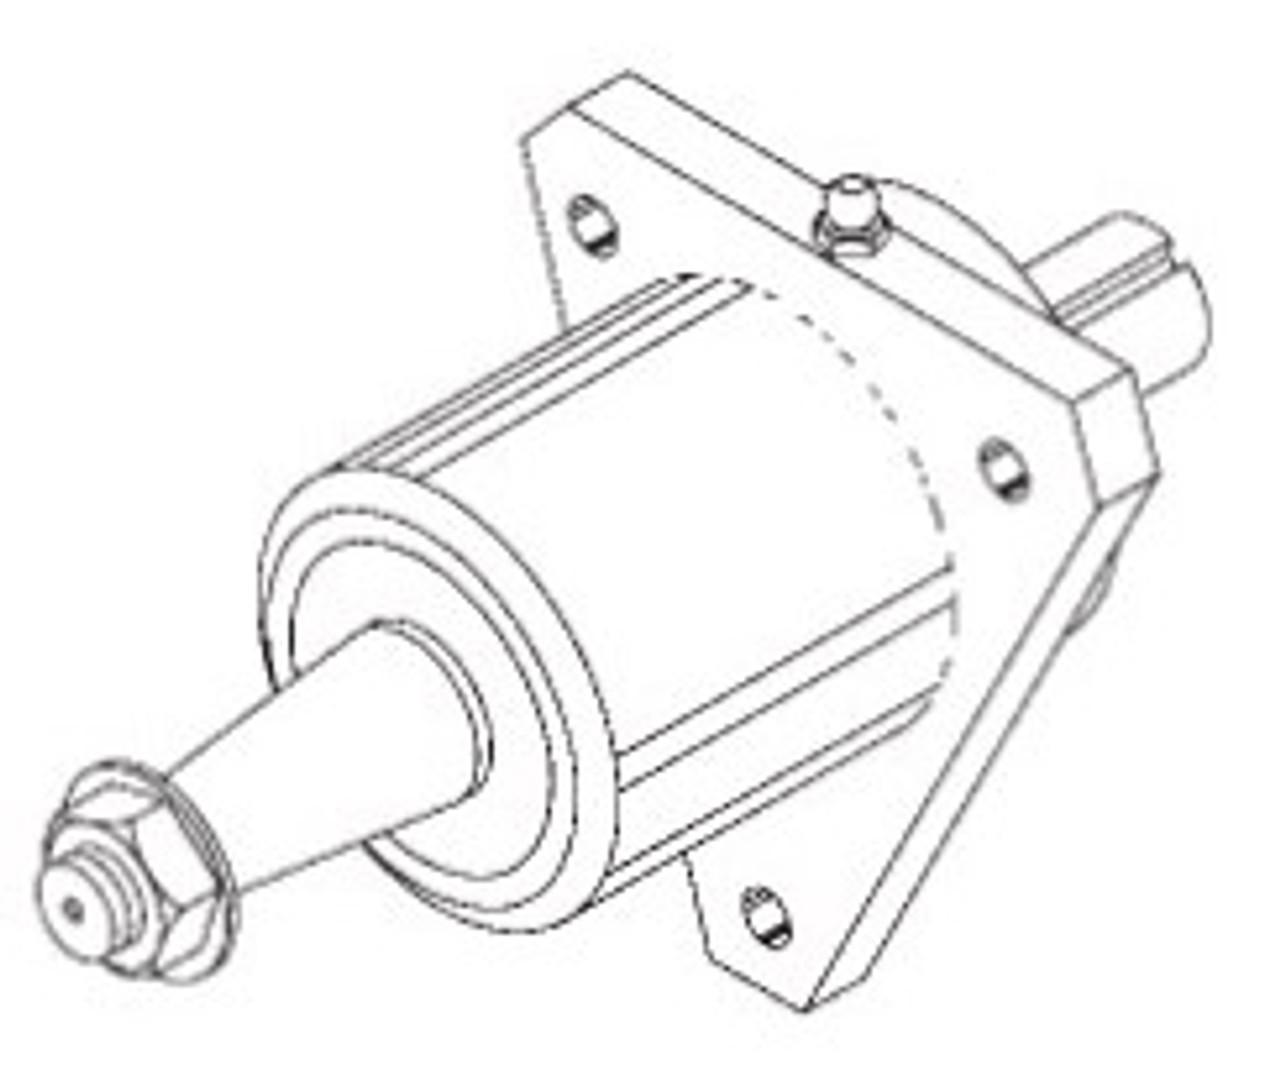 Butcher Boy B12,B14,B16 & SA16 - Lower Wheel Main Bearing Housing Assembly - BB123A